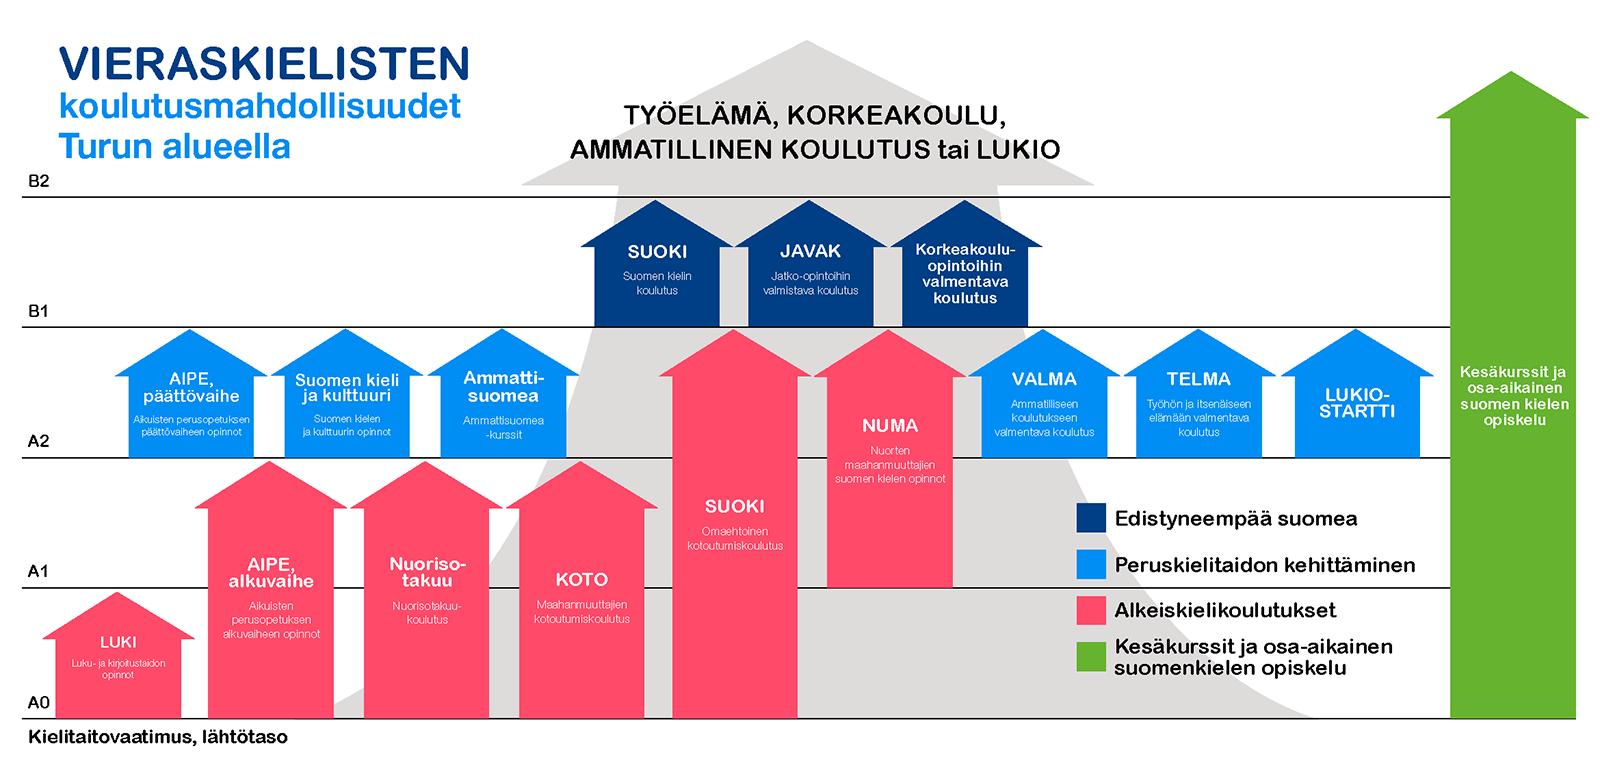 Infograafi eri tutkintojen suomenkielivaatimuksista. Löydät lisätietoa kielivaatimuksista, kun luet sivua alaspäin.